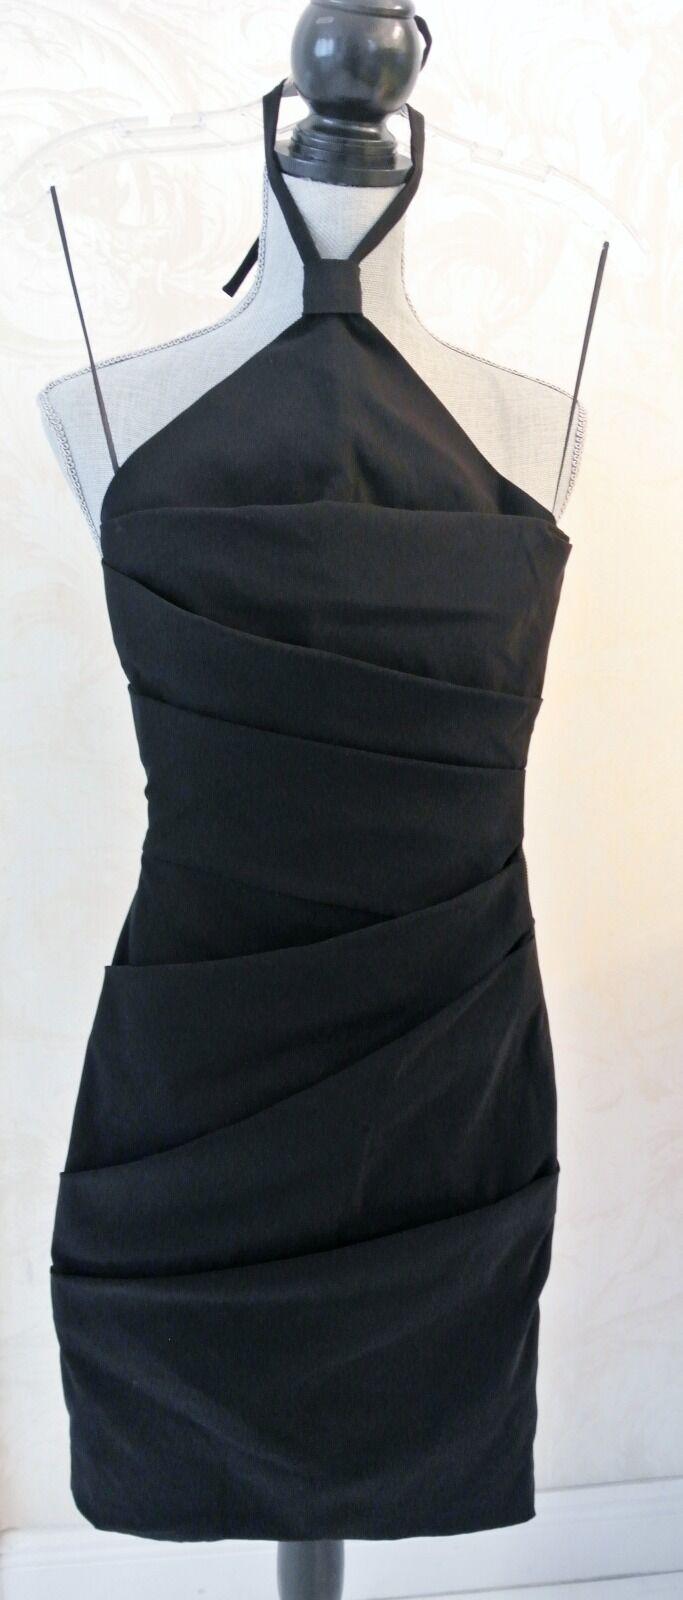 Schwarz Halter PREEN Rouche Pencil Pencil Pencil Knie-Länge Kleid, Größe XS 7b0